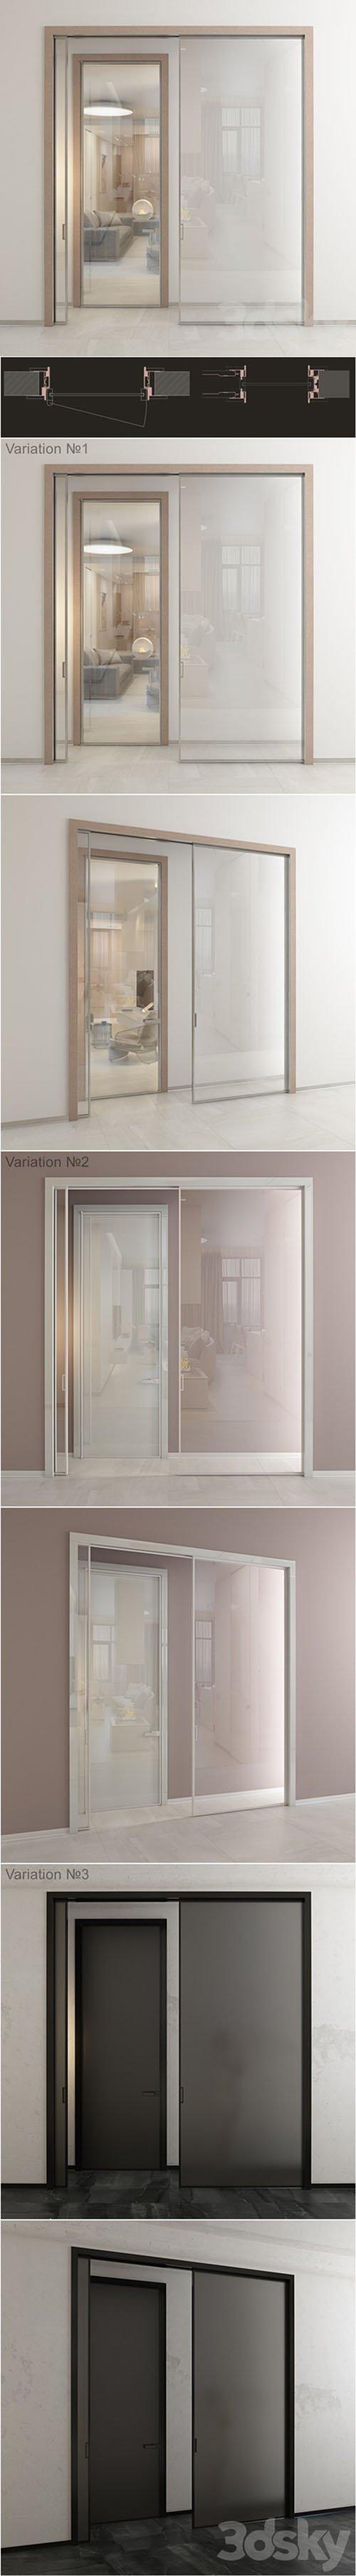 Doors - ADL Adielle - Mitika 2 - 3 variations - 3D Models [3ds Max]